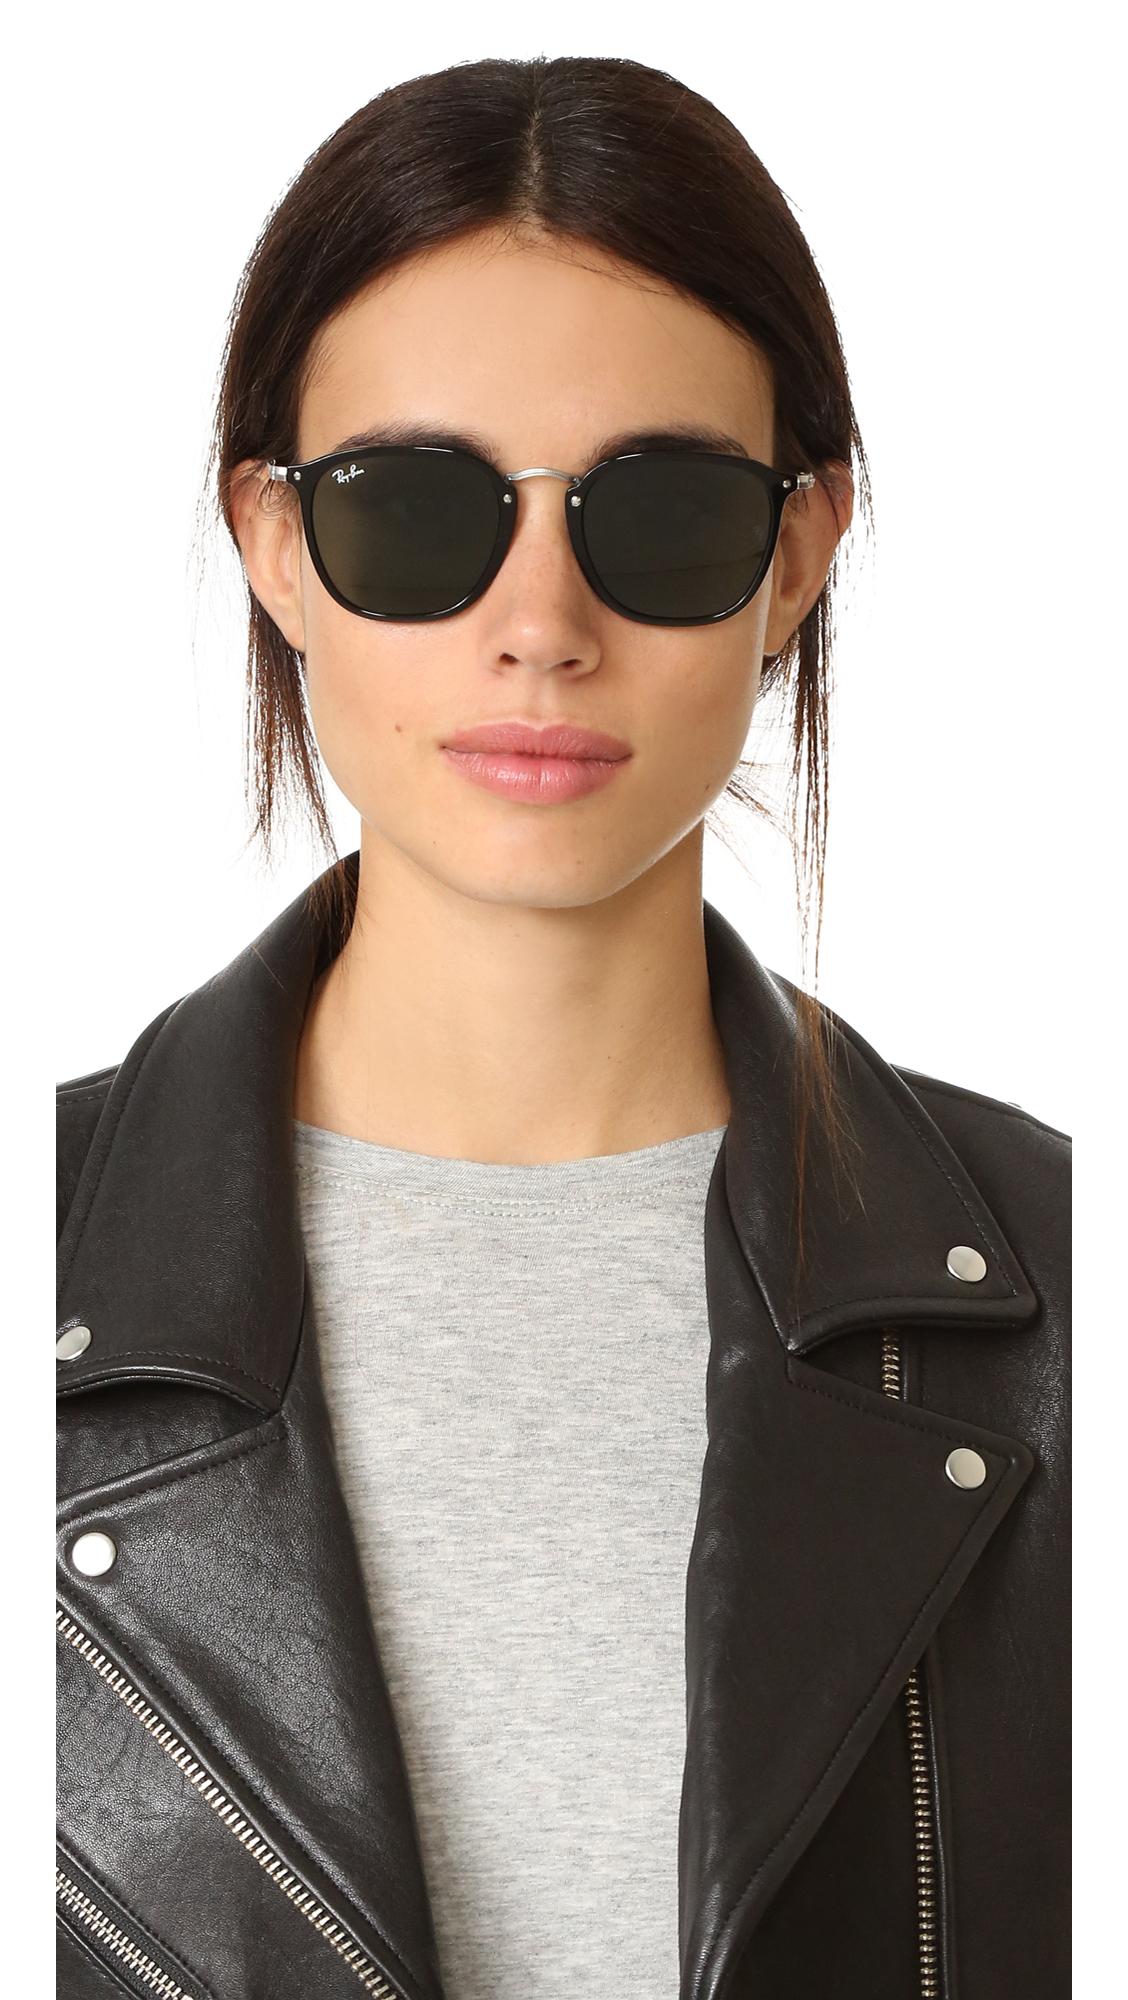 a51e76f1550 Ray-Ban RB2448N Icons Metal Bridge Square Sunglasses